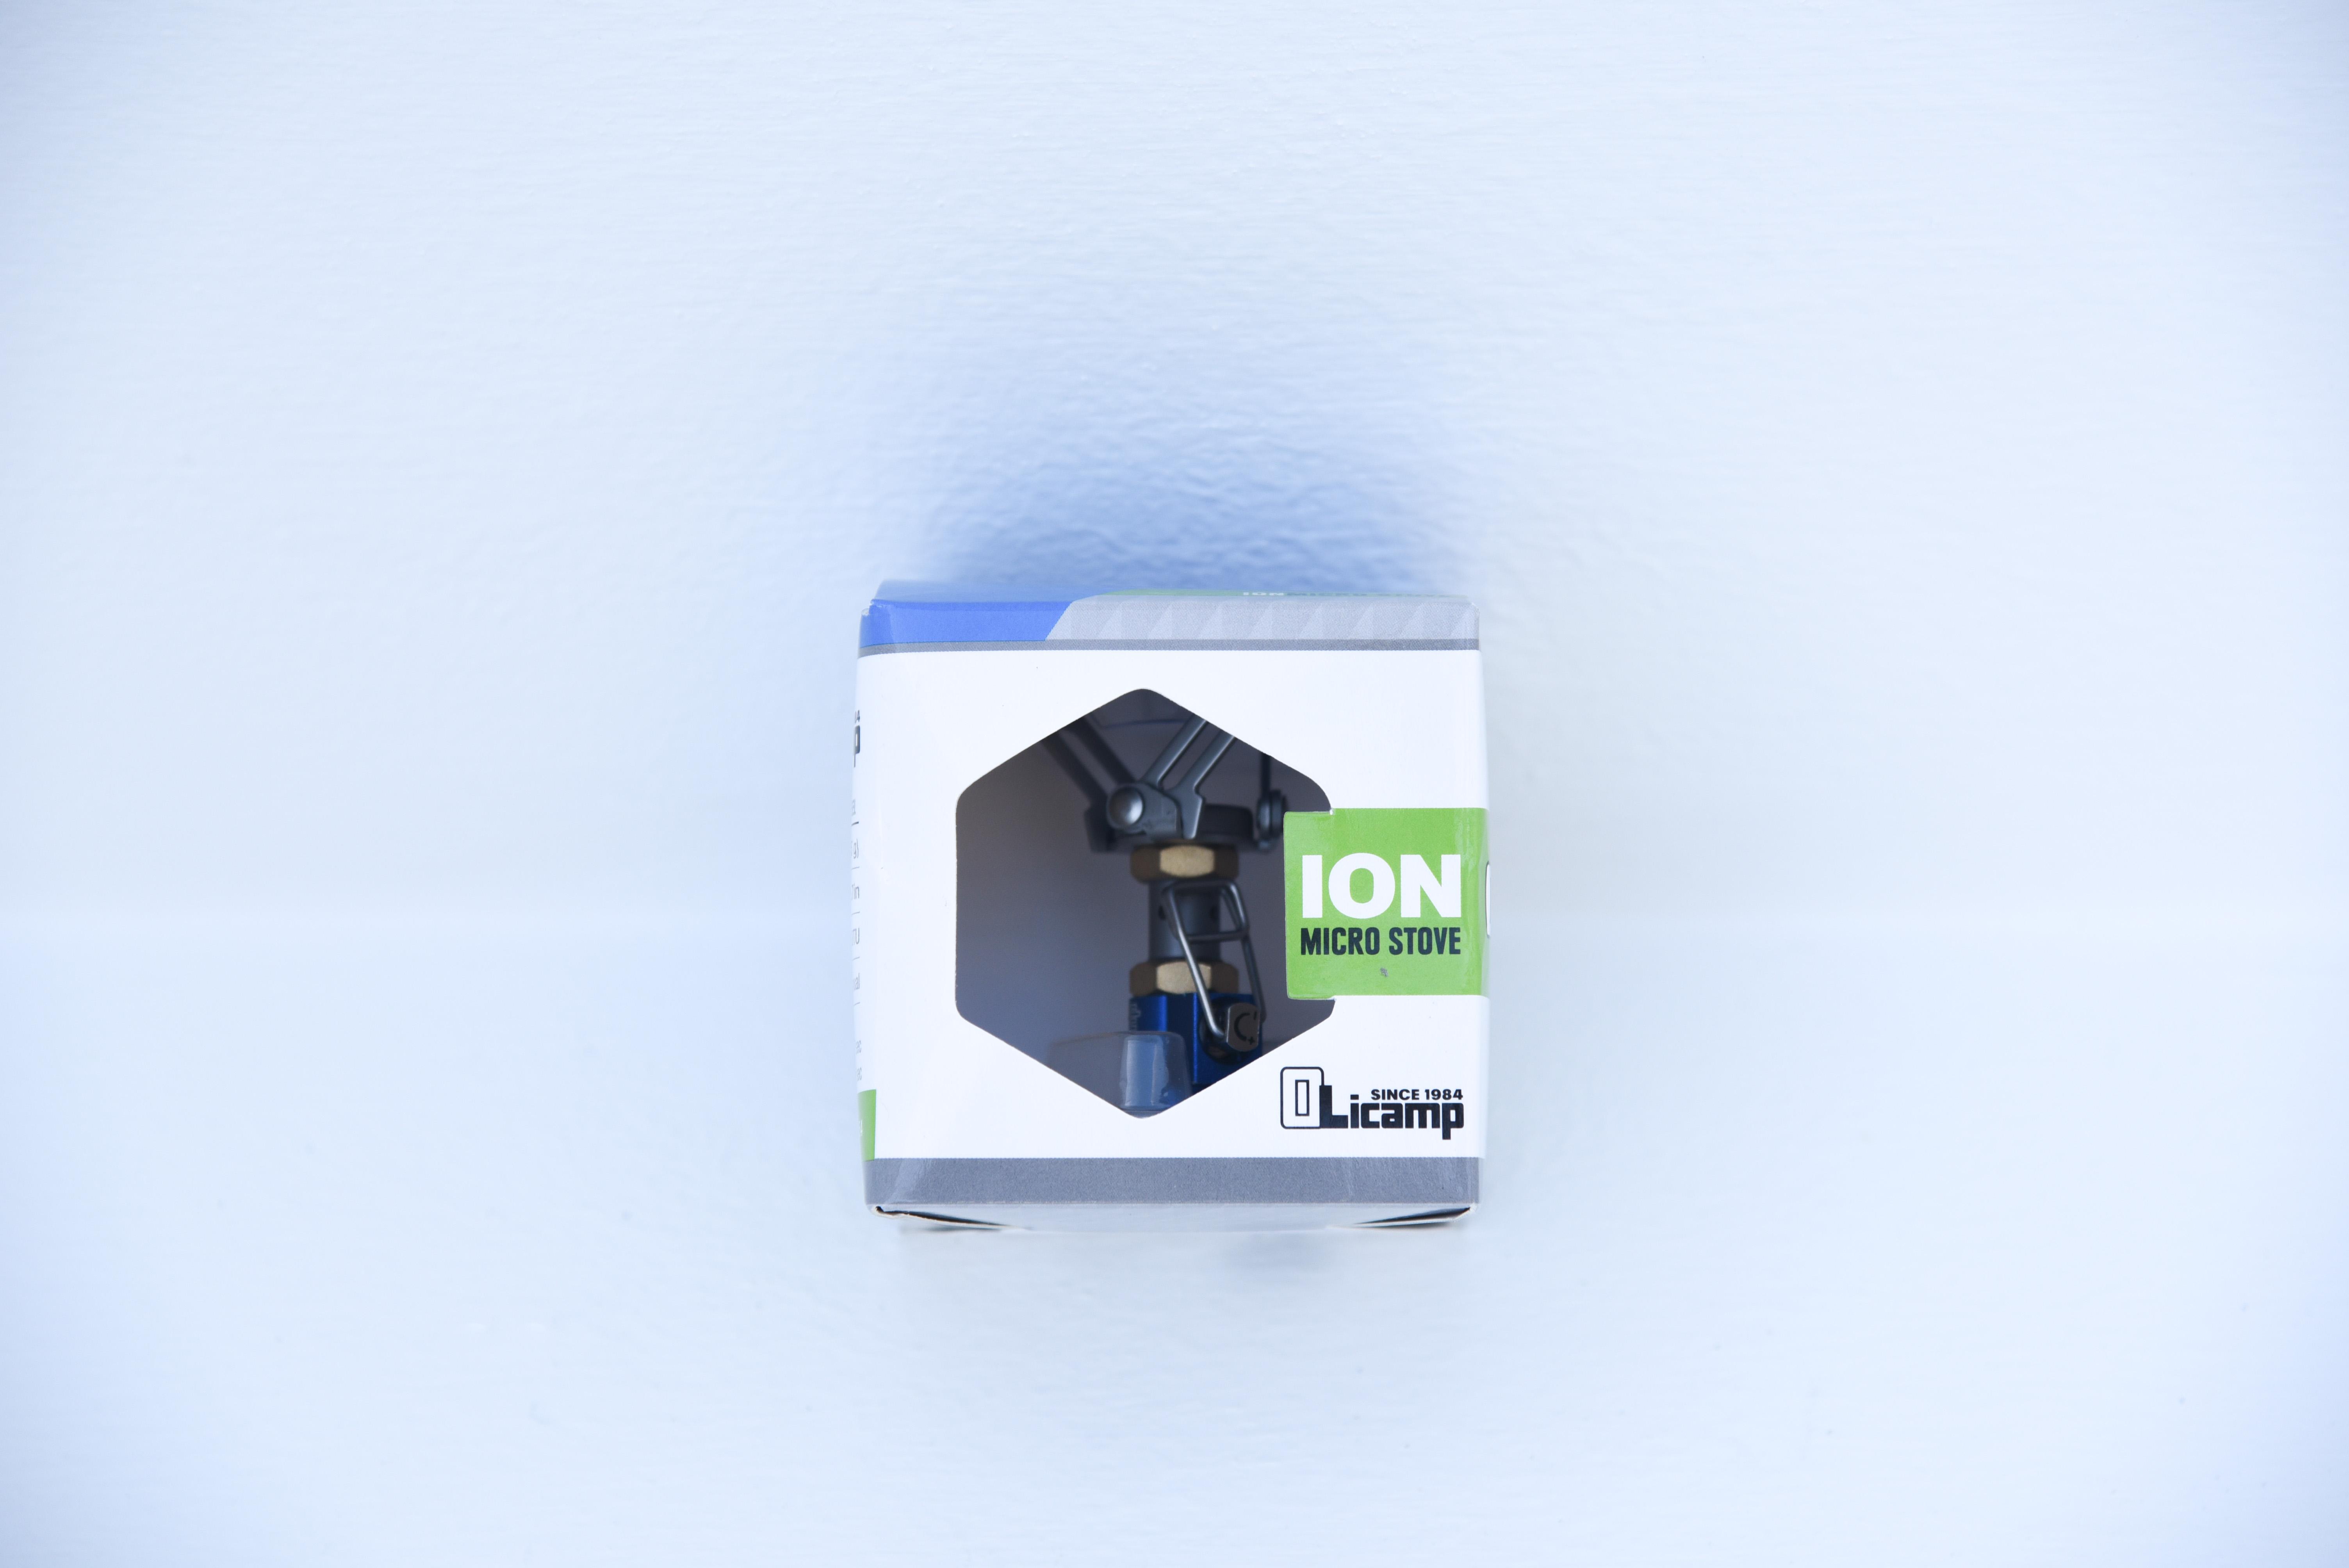 Portable Olicamp ION Titanium Micro Stove | The Perfect Prepper